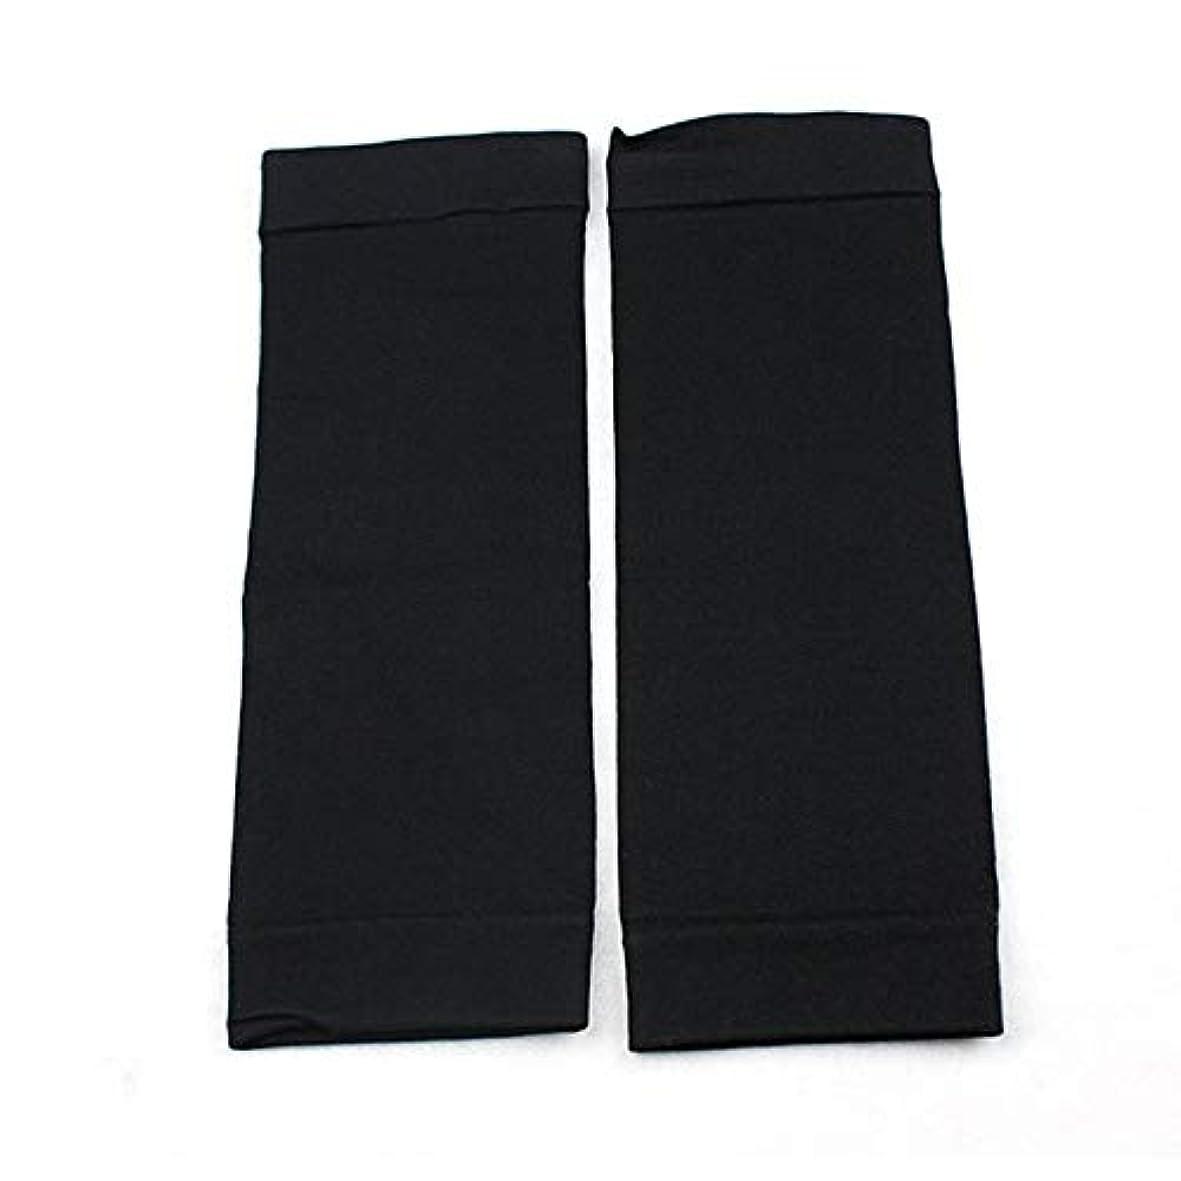 永久に科学者以内に1ペアウエストニッパーT高燃焼脂肪靴下圧縮レギンスレッグウォーマー圧力脂肪薄い脚パンツ燃焼脂肪ガード - ブラック